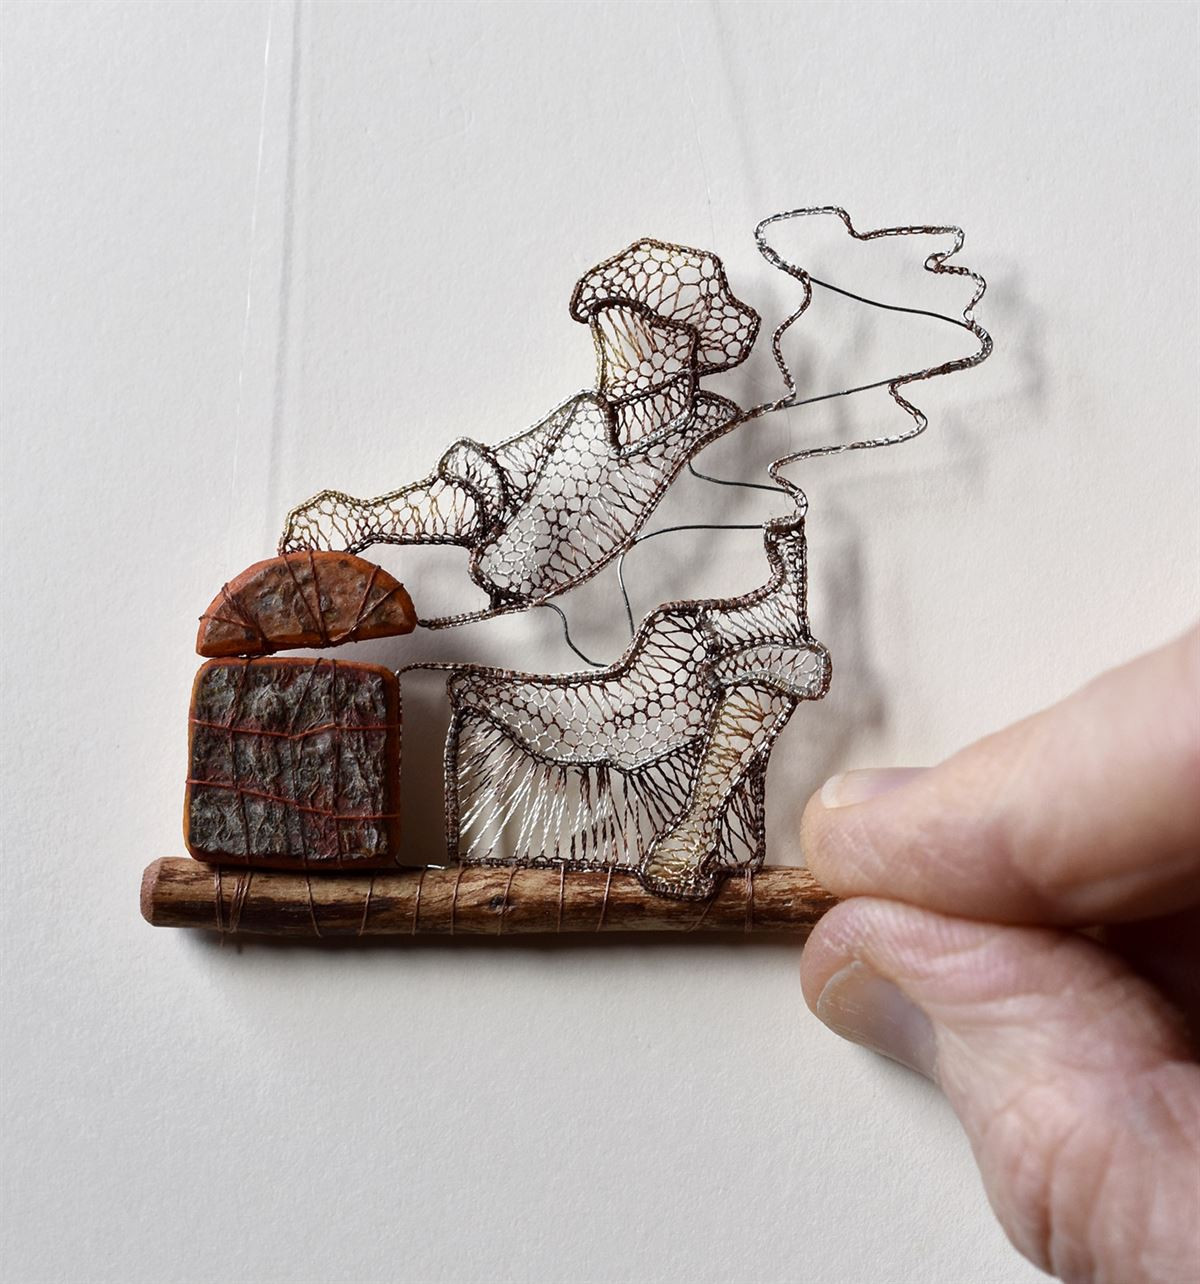 Миниатюрные кружевные скульптуры от Агнес Херцег